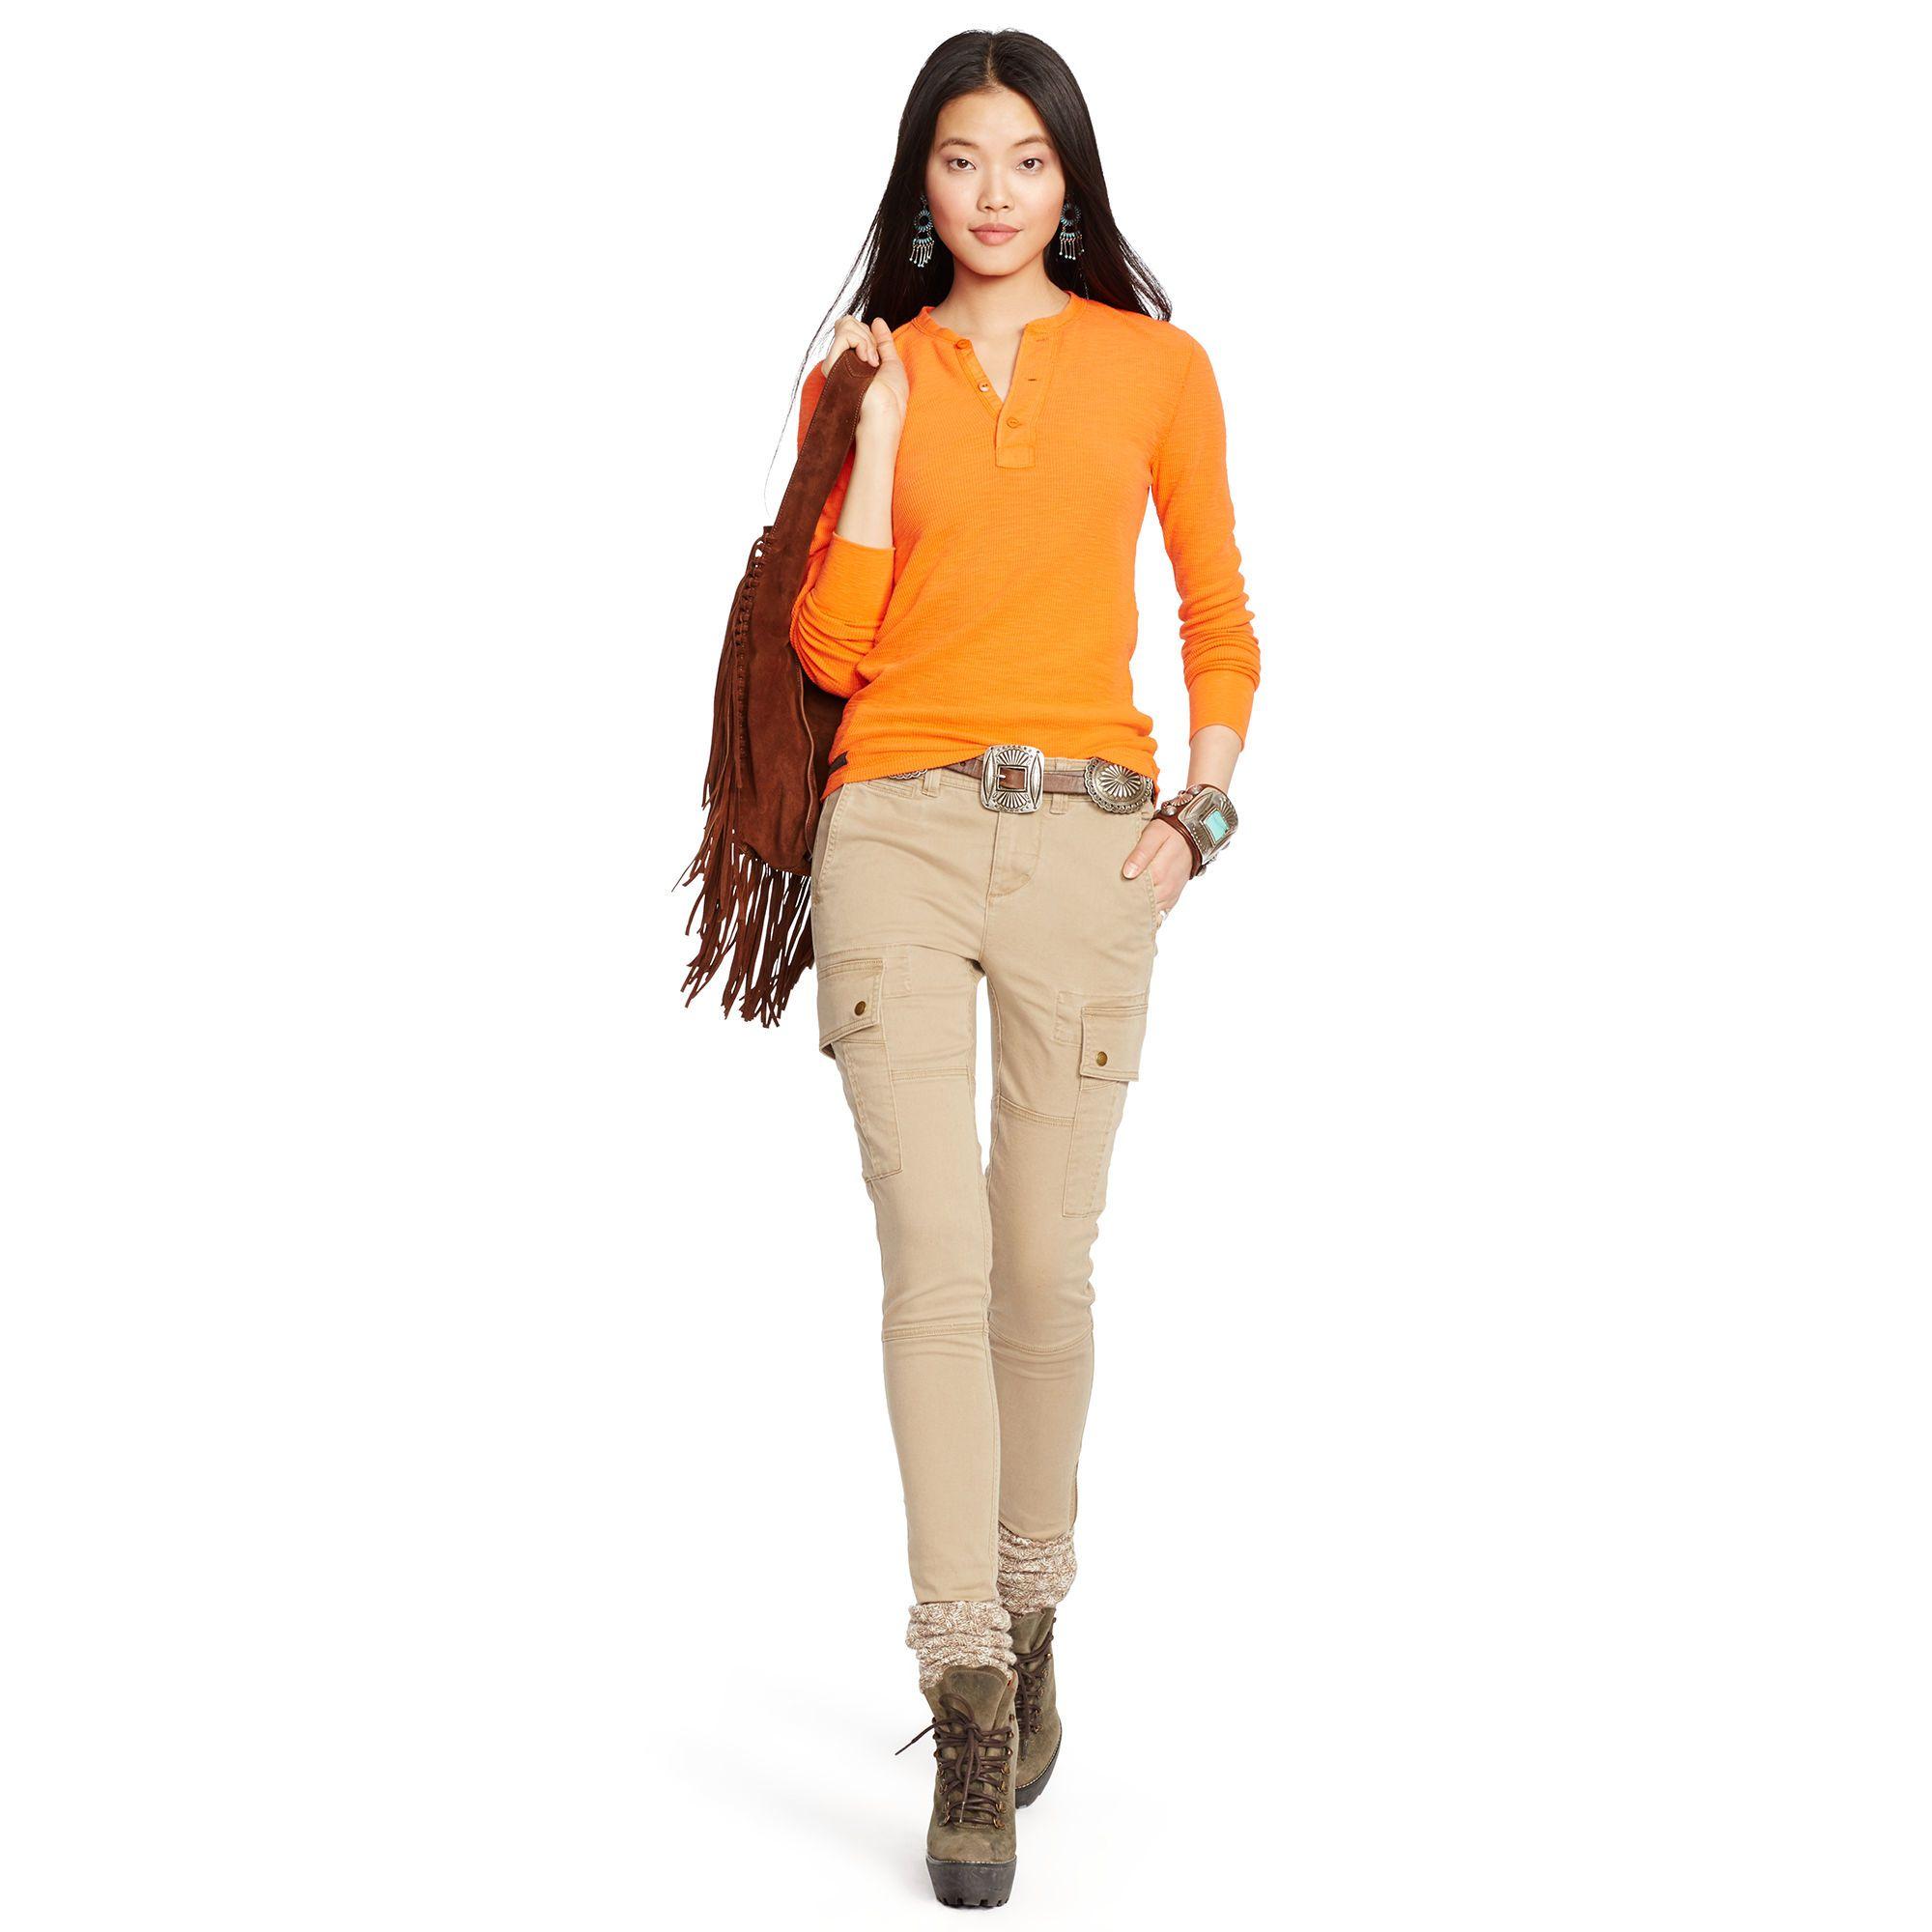 99843a16e637 Polo Ralph Lauren Stretch Twill Cargo Pant in Brown (Saranac Tan ...